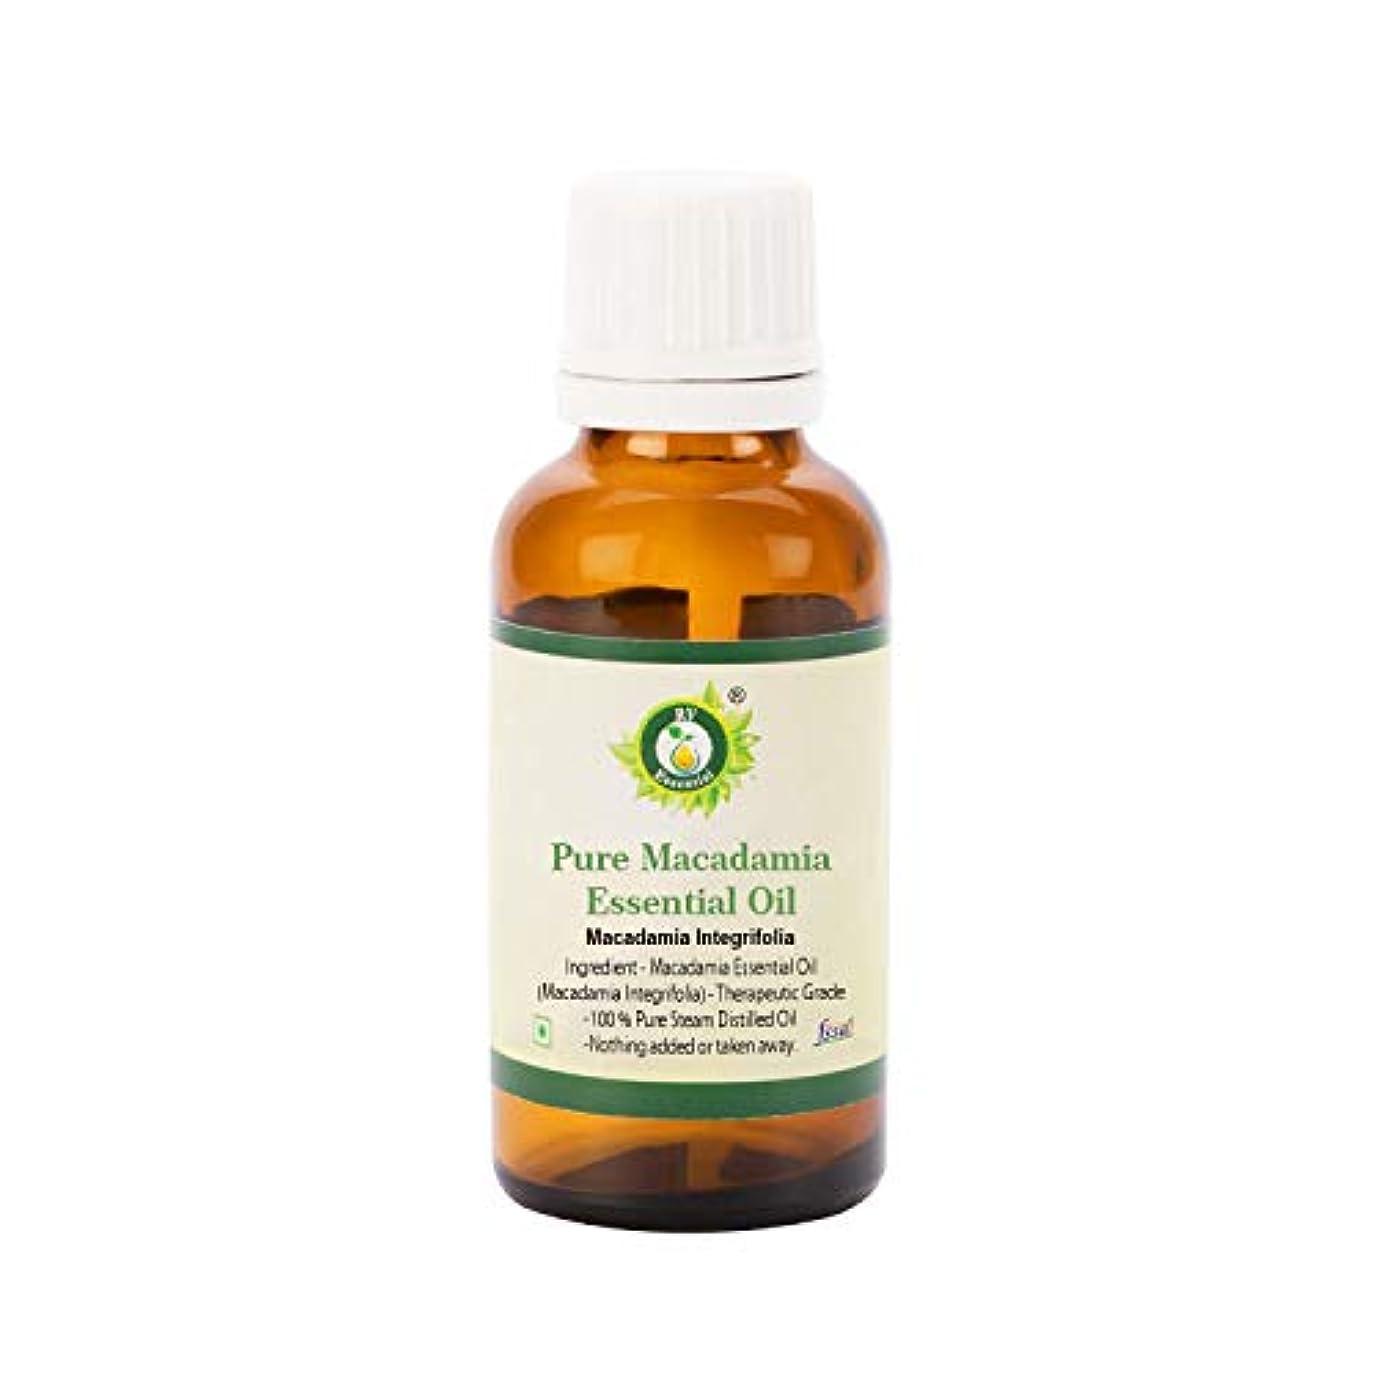 満了曲げる先駆者R V Essential ピュアマカデミアエッセンシャルオイル5ml (0.169oz)- Macadamia Integrifolia (100%純粋&天然スチームDistilled) Pure Macadamia...